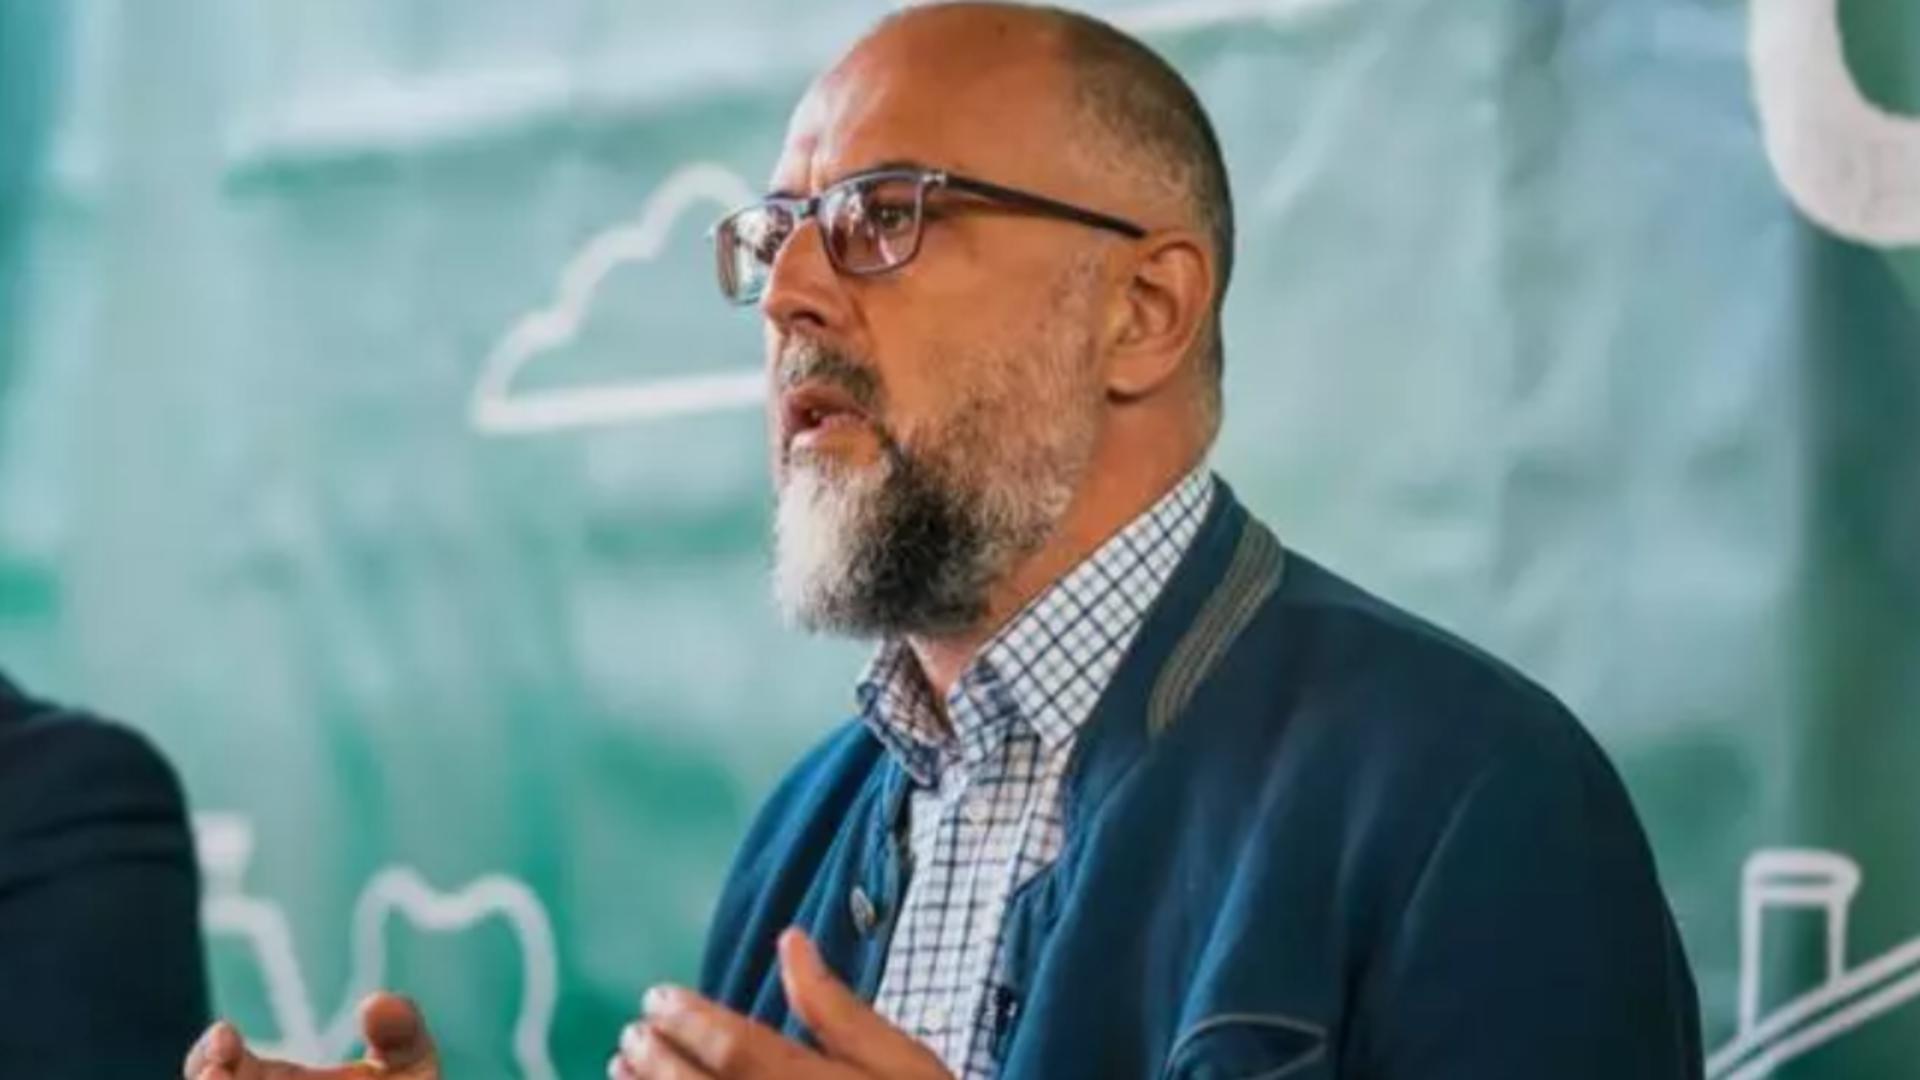 Vicepremierul Kelemen Hunor, (UDMR), despre discuția de la Cotroceni și planul PNRR